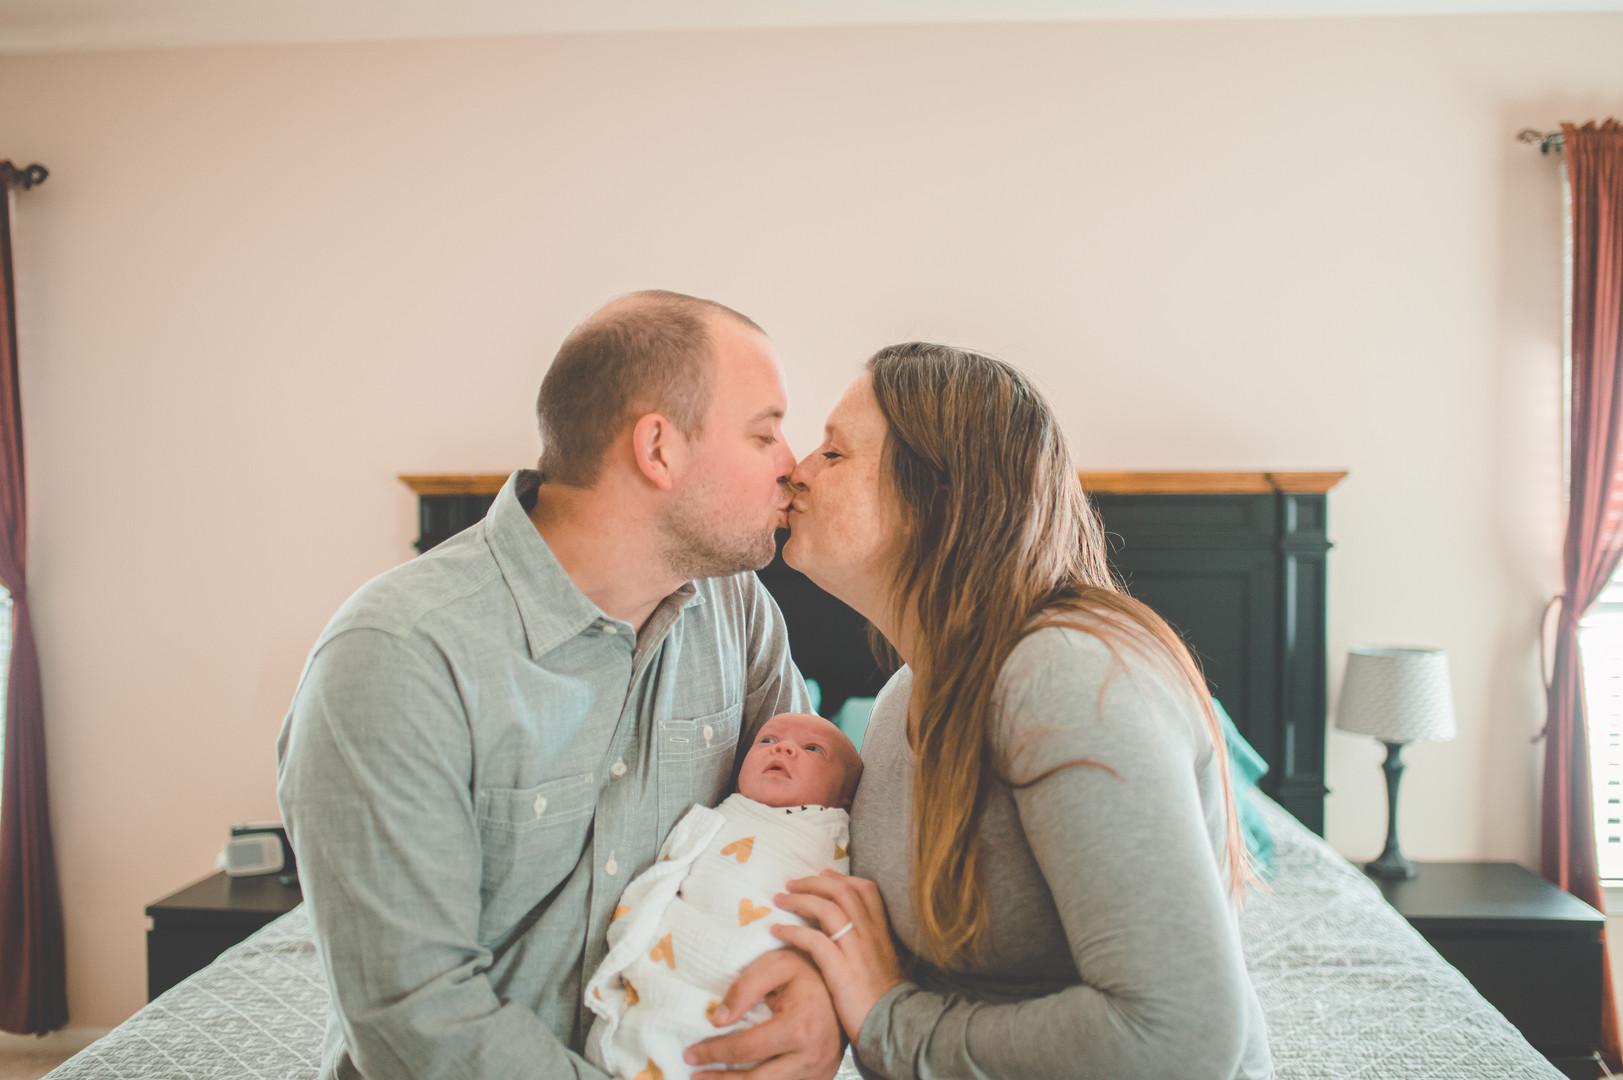 10222020-Megan+Logan Newborn-FINAL-5.jpg